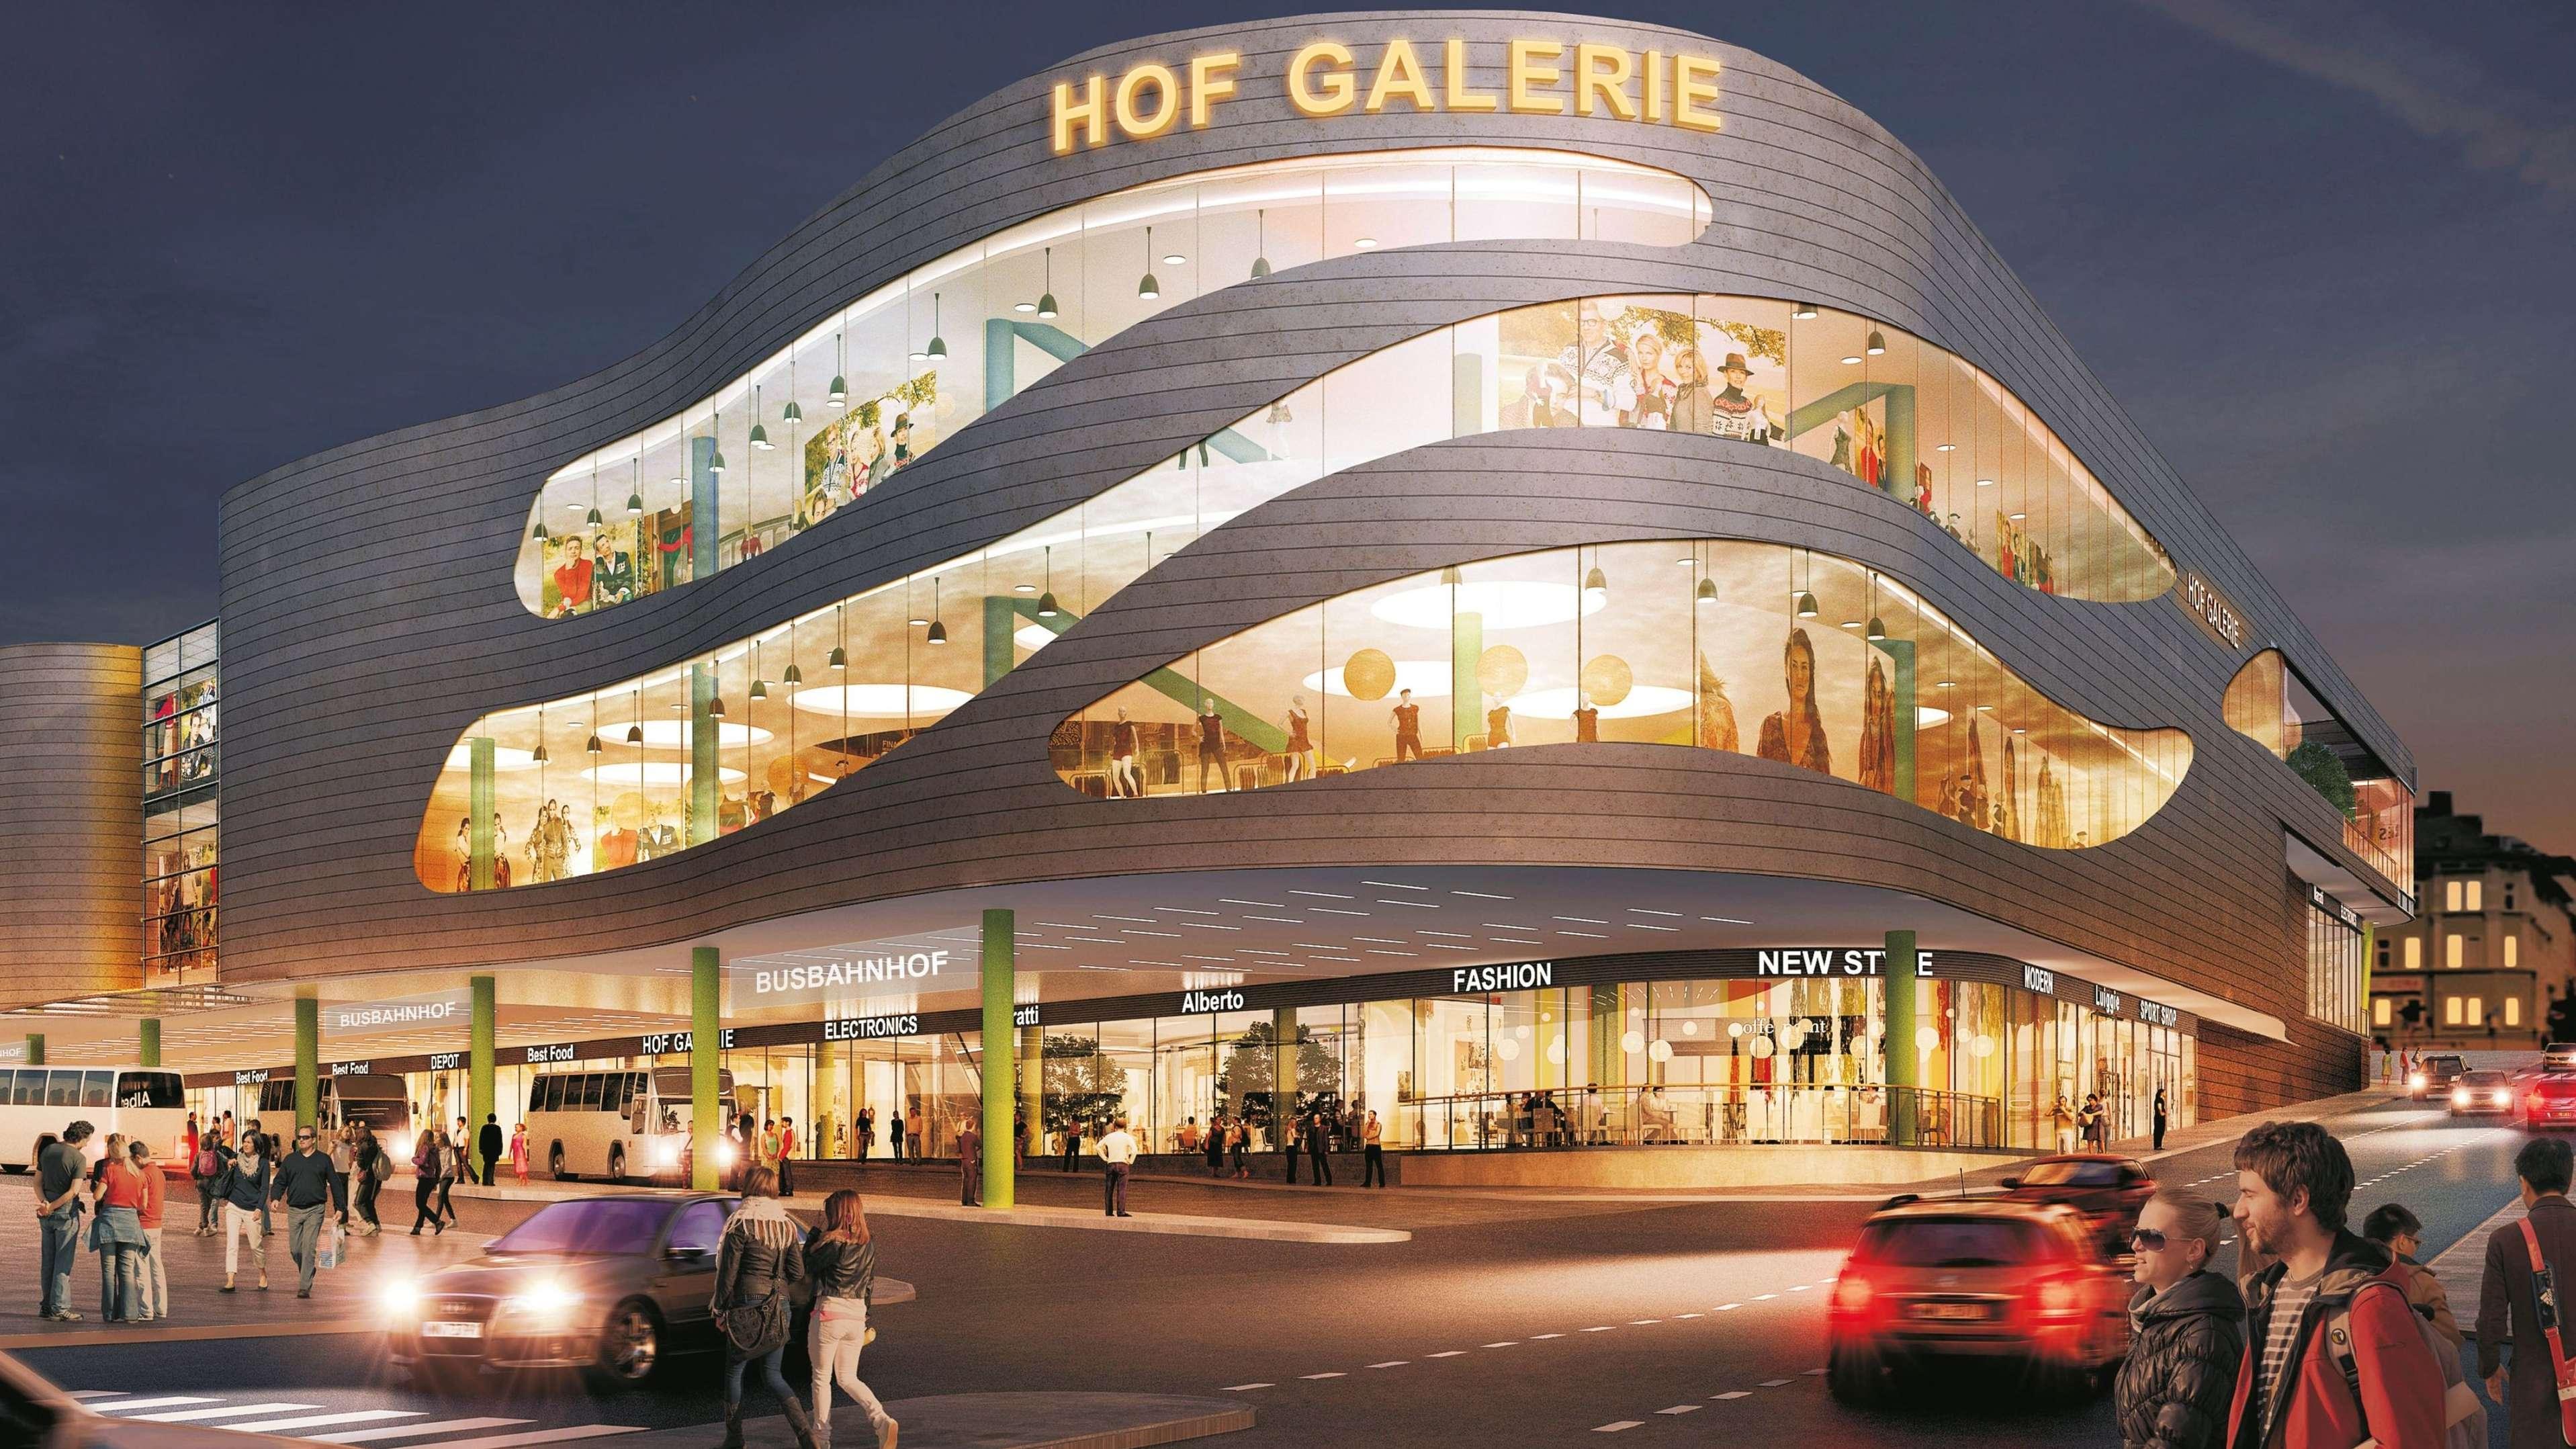 Hof Galerie